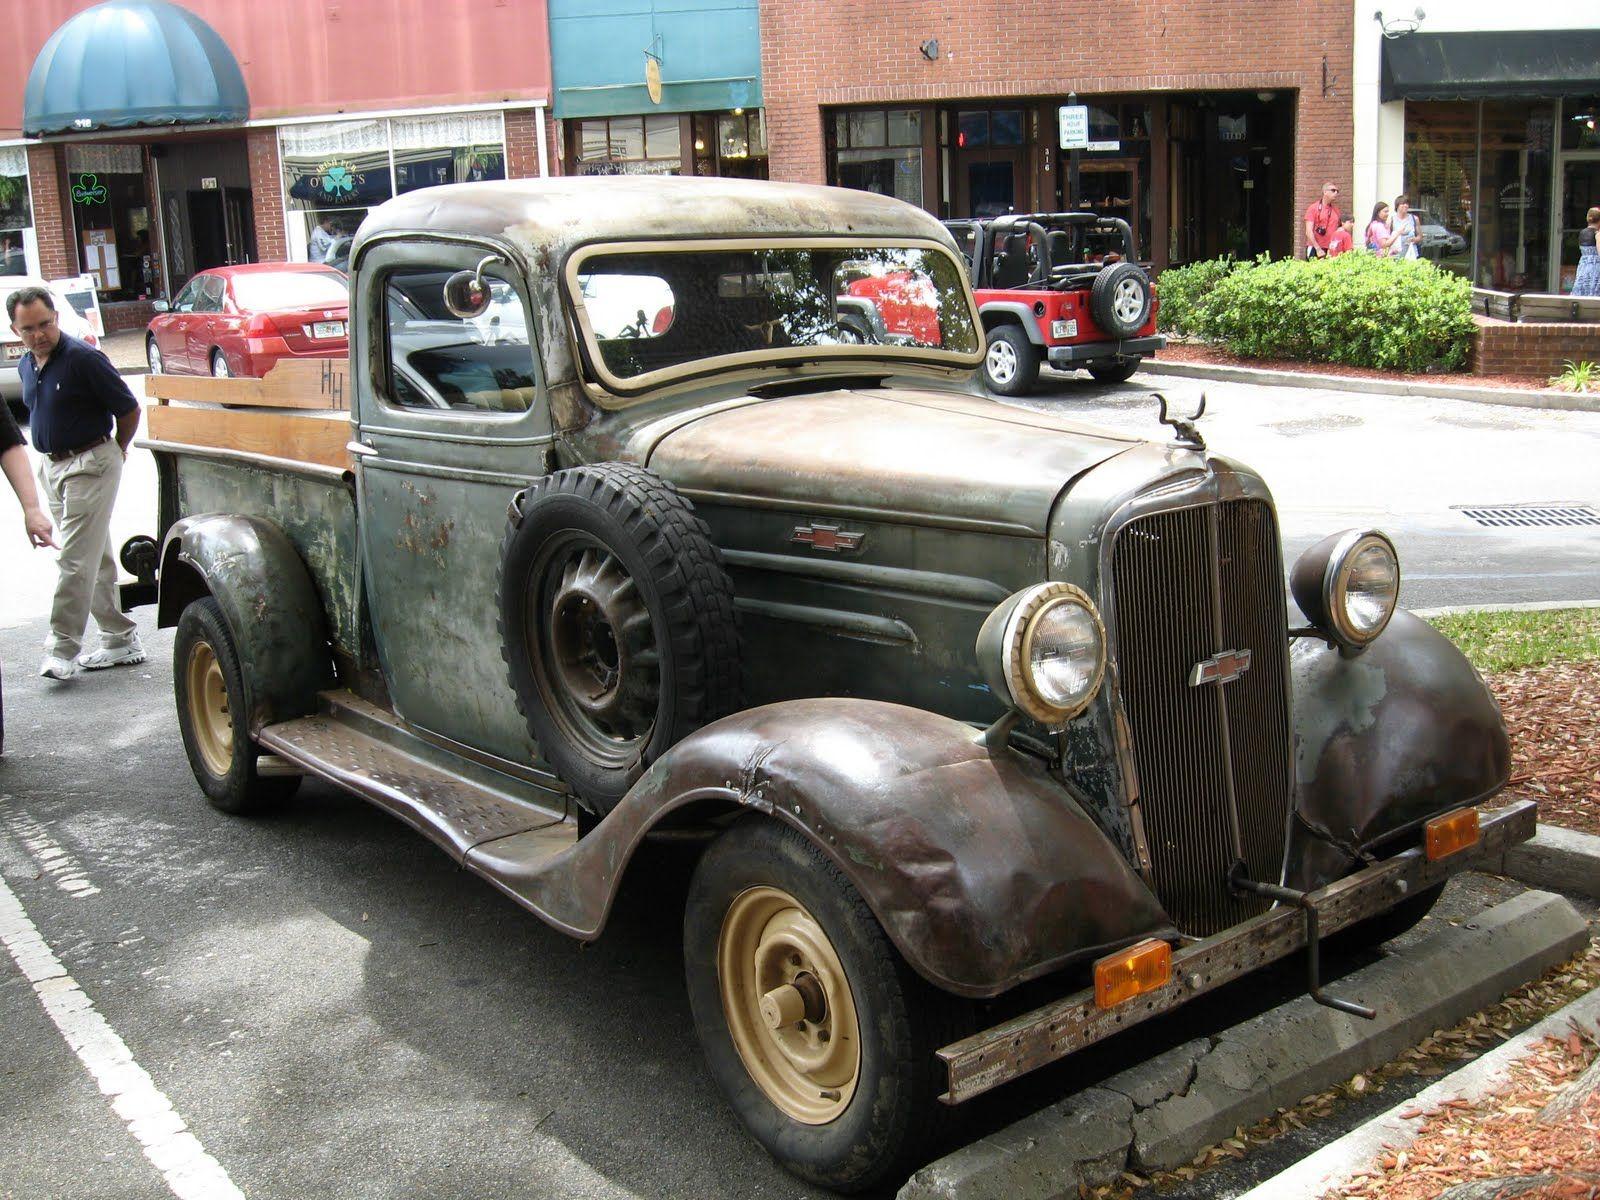 Vintage Chevrolet Trucks | Old trucks and cars | Pinterest ...